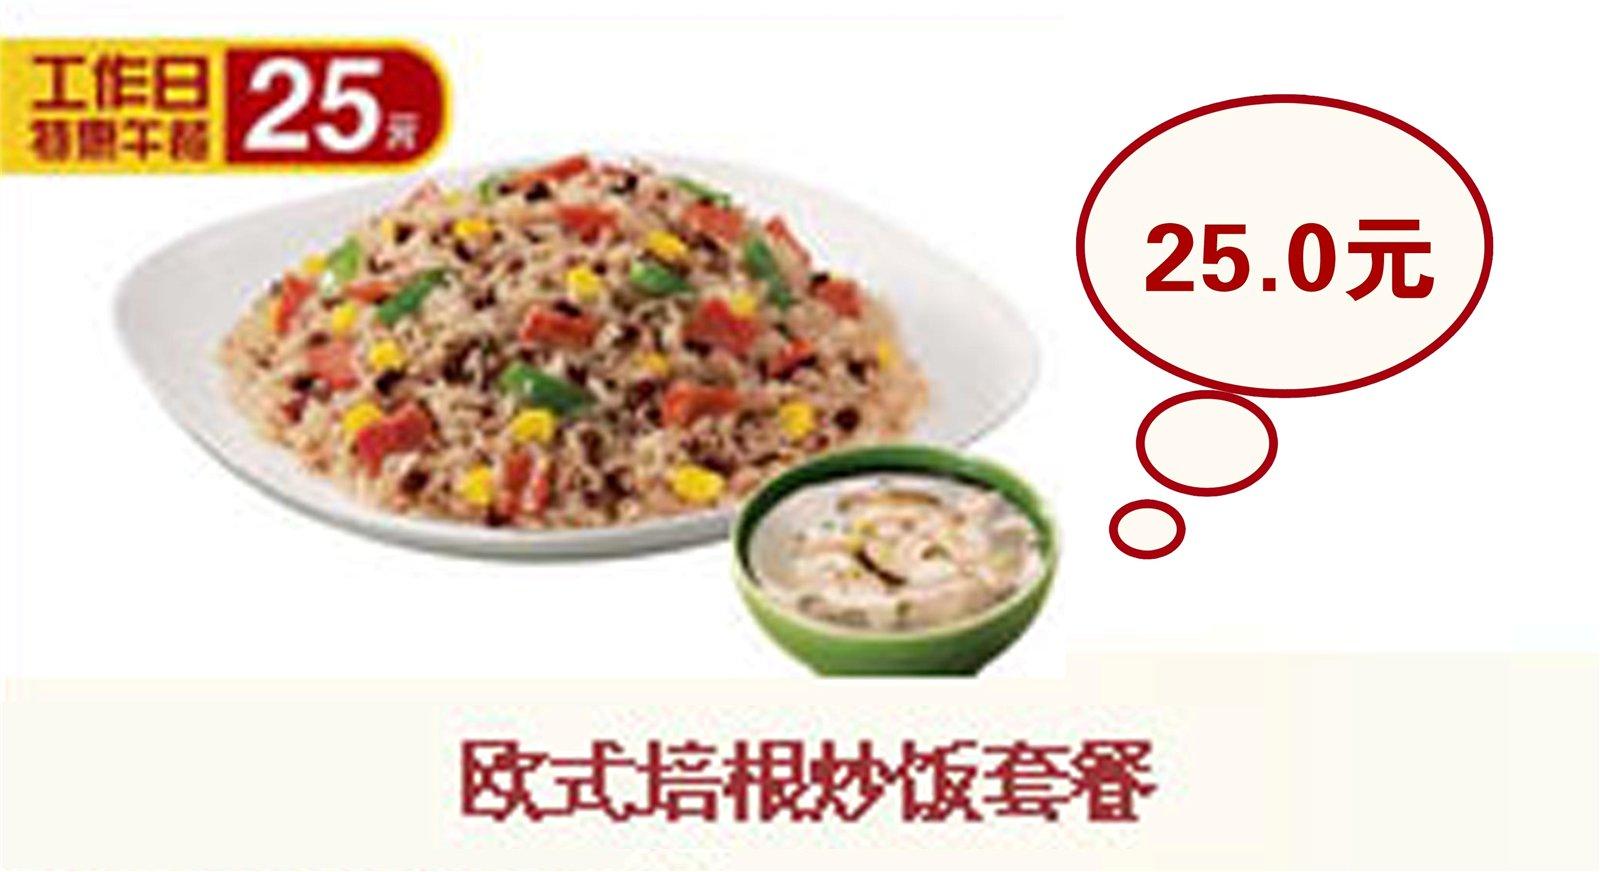 [必胜客 Pizza Hut]欧式培根炒饭优惠券